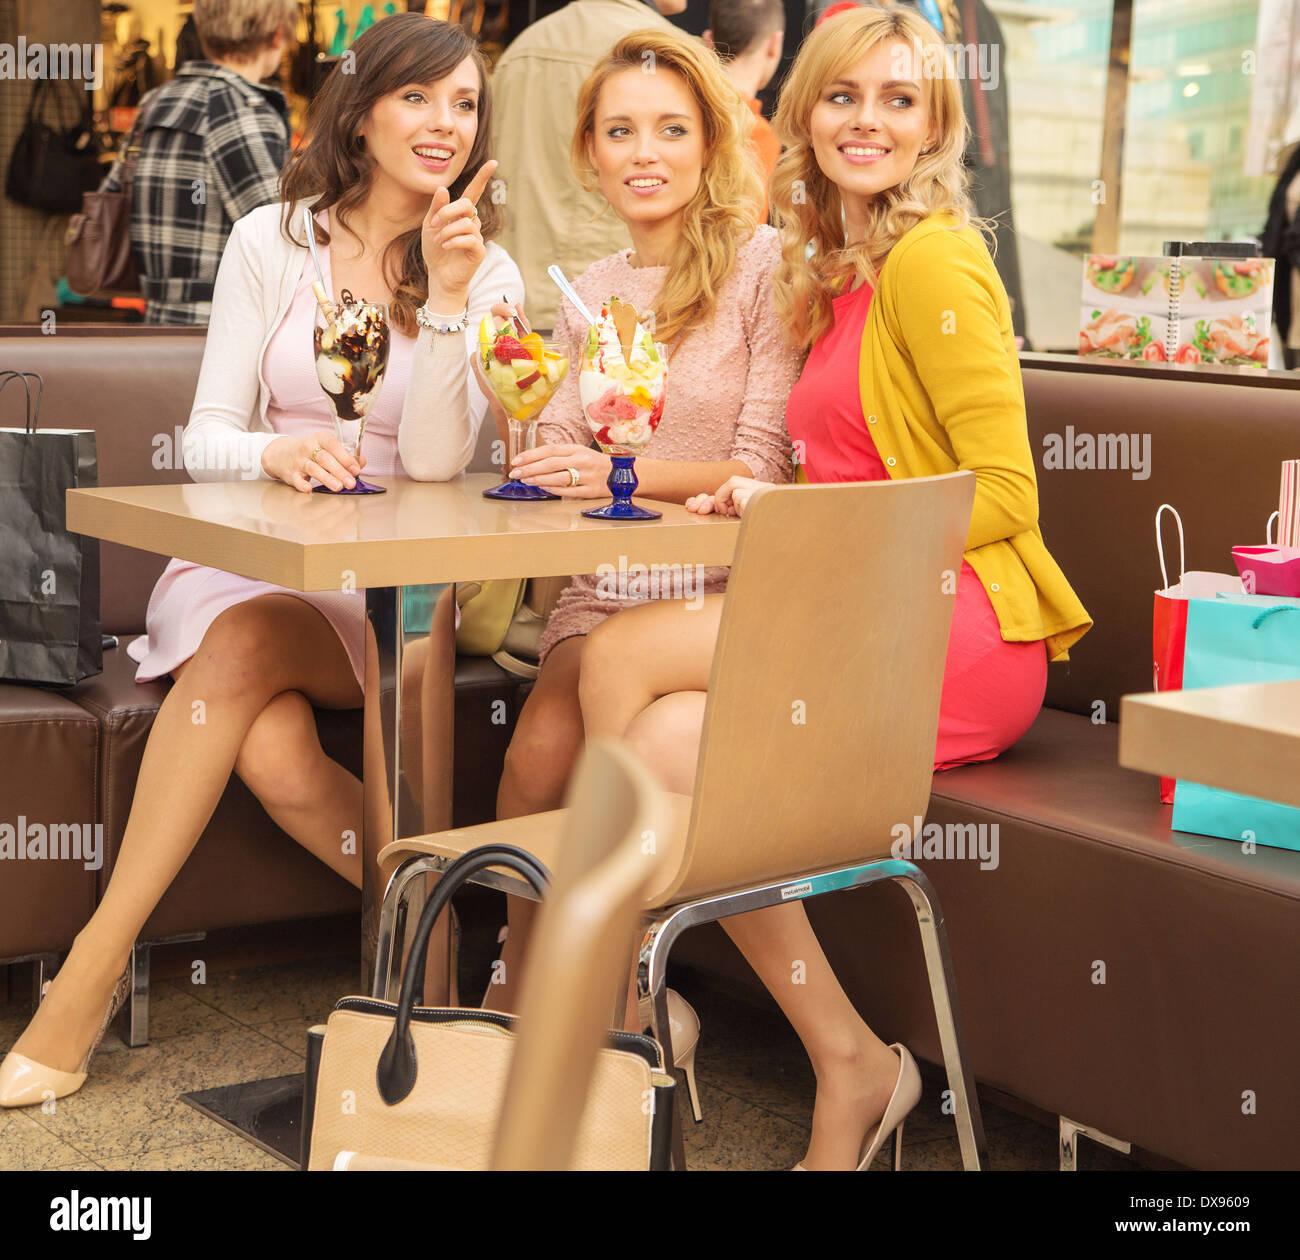 Les femmes détendue de manger de la crème glacée aux fruits savoureux Banque D'Images